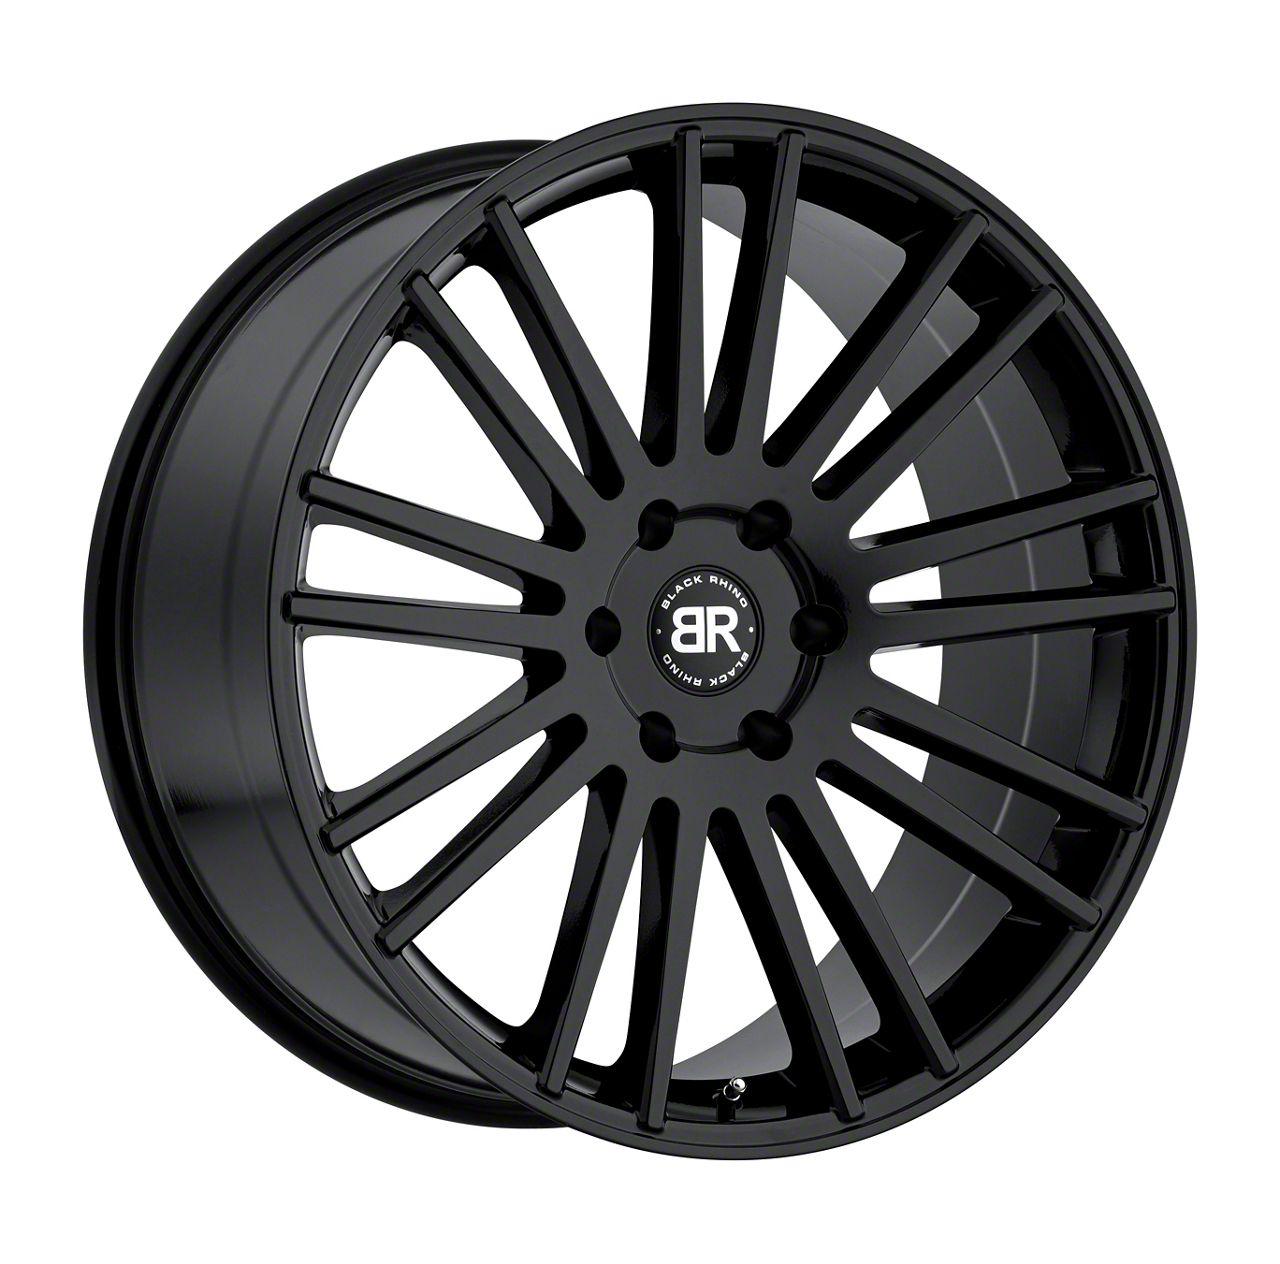 Black Rhino Kruger Gloss Black 6-Lug Wheel - 22x9.5 (04-19 F-150)